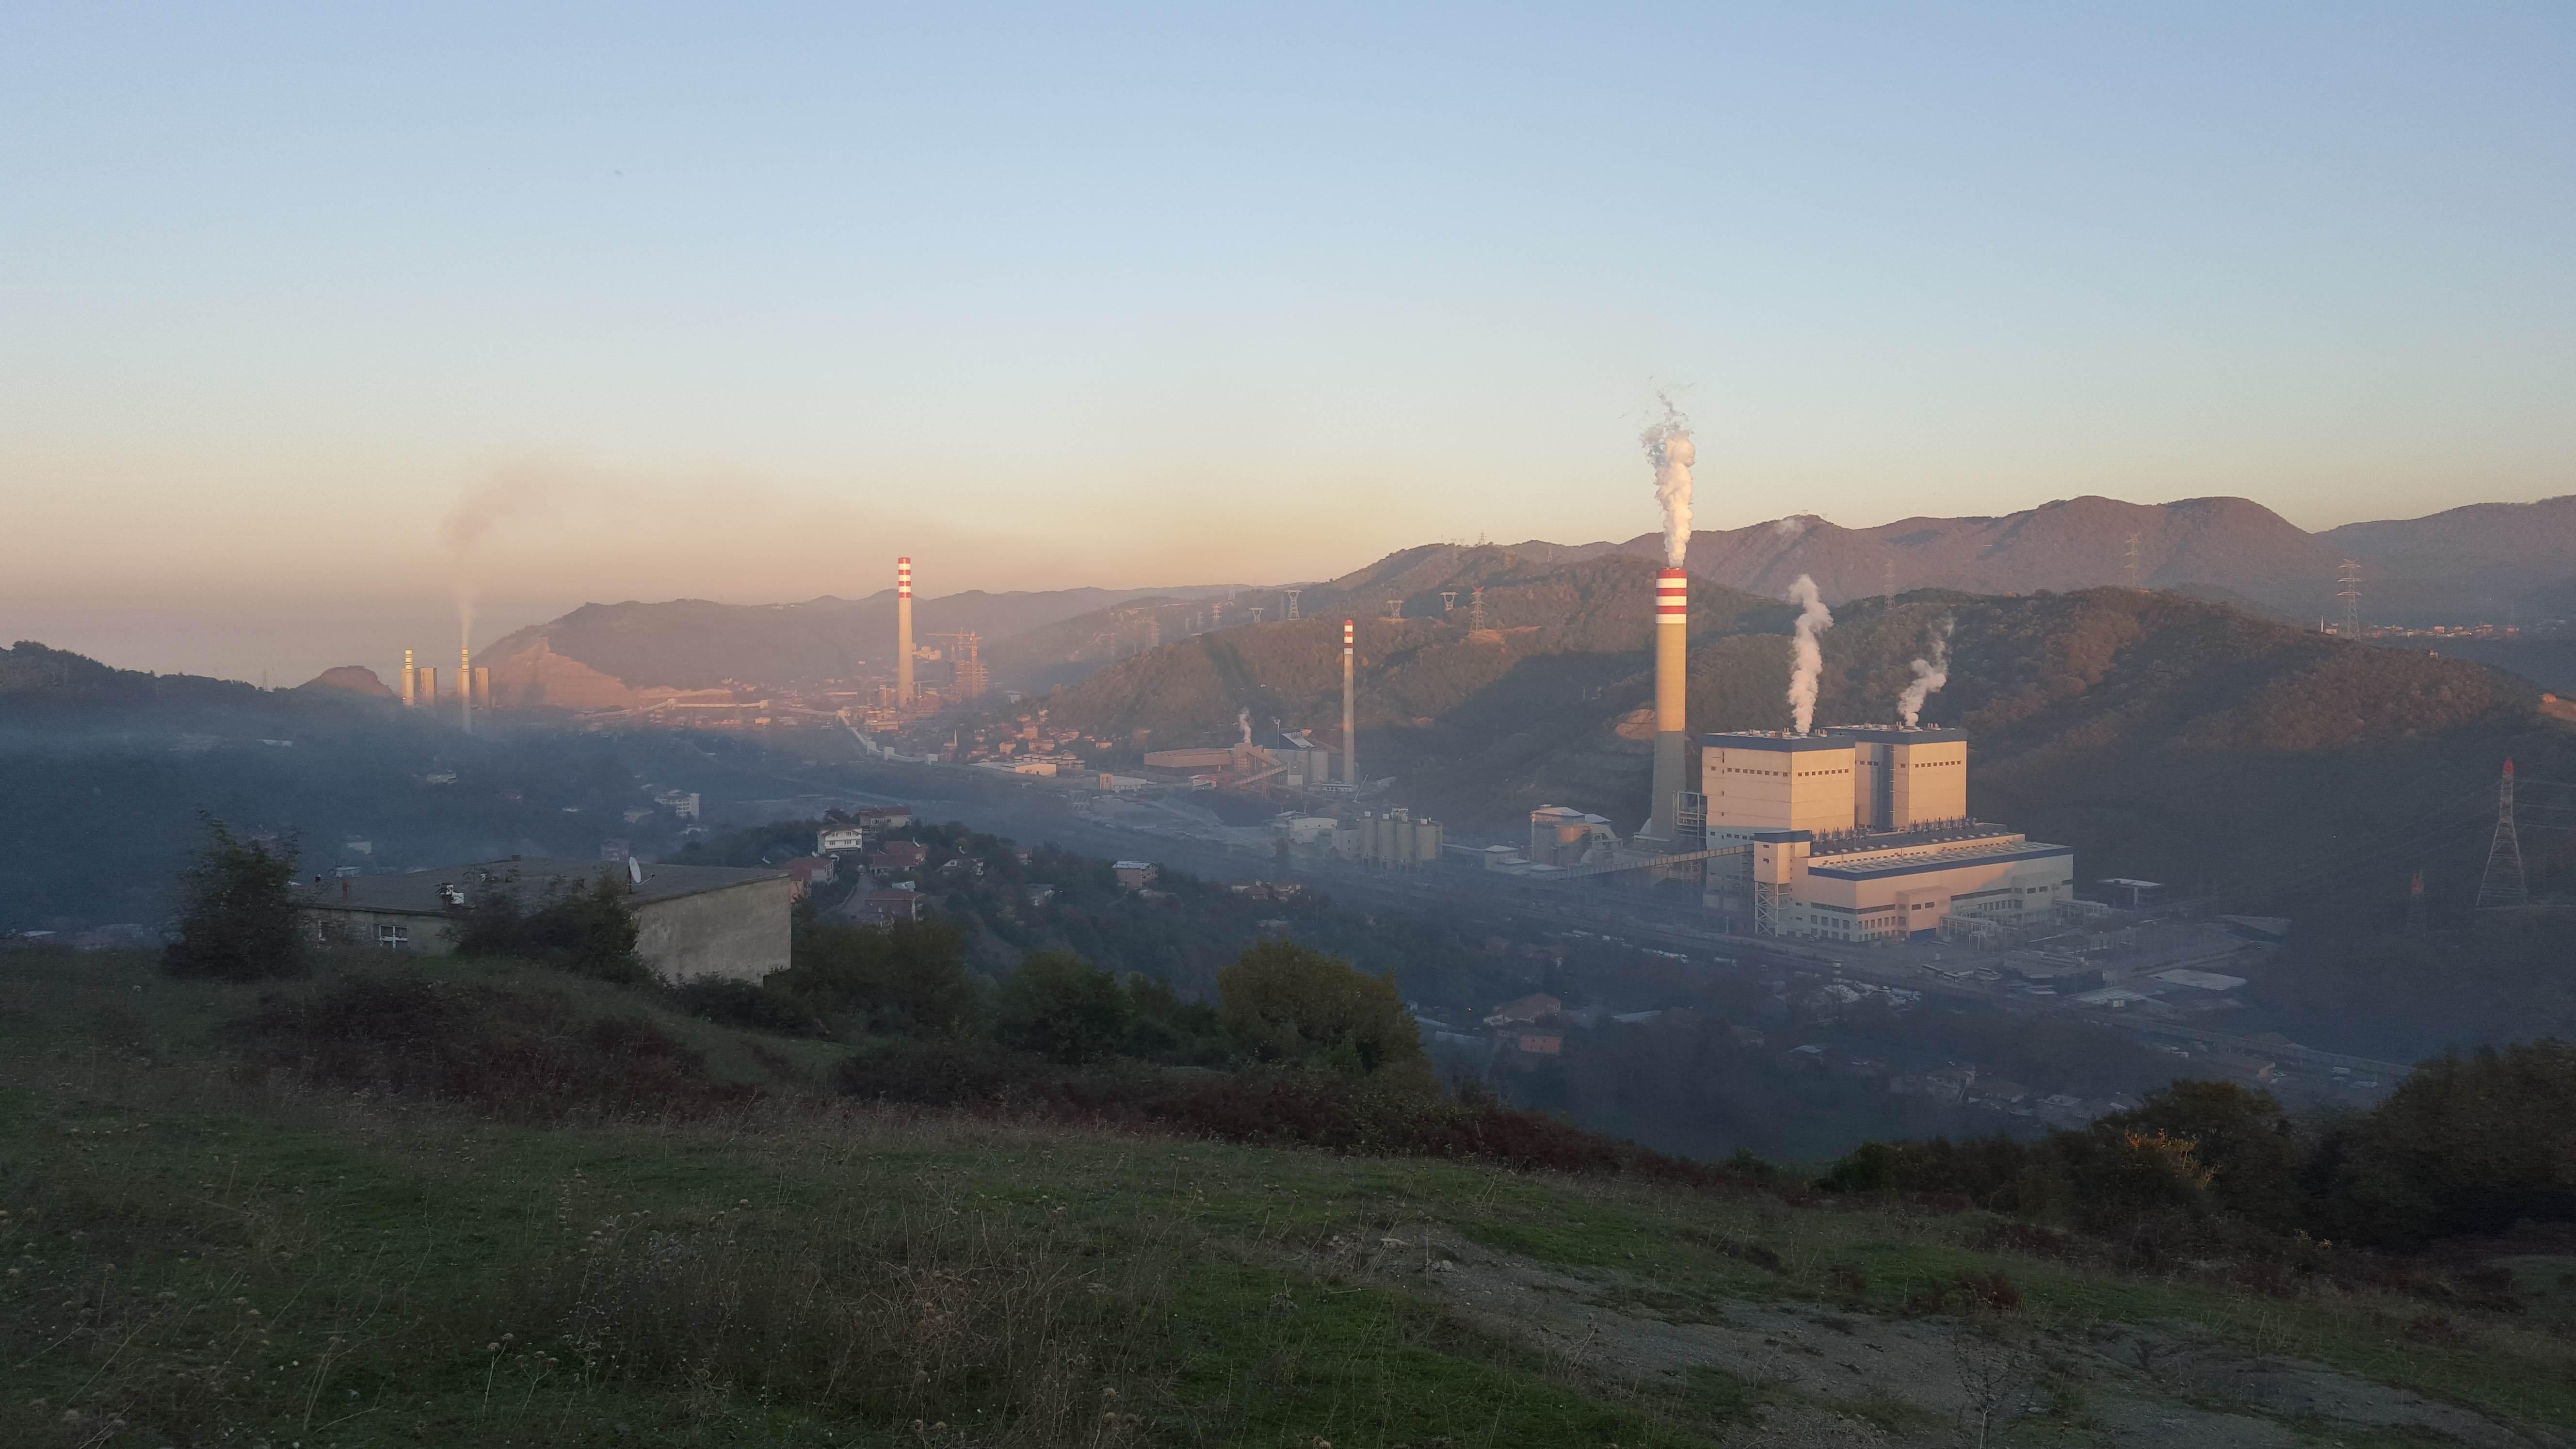 Kömürlü Termik Santraller Zonguldak'ın Nefesini Kesiyor